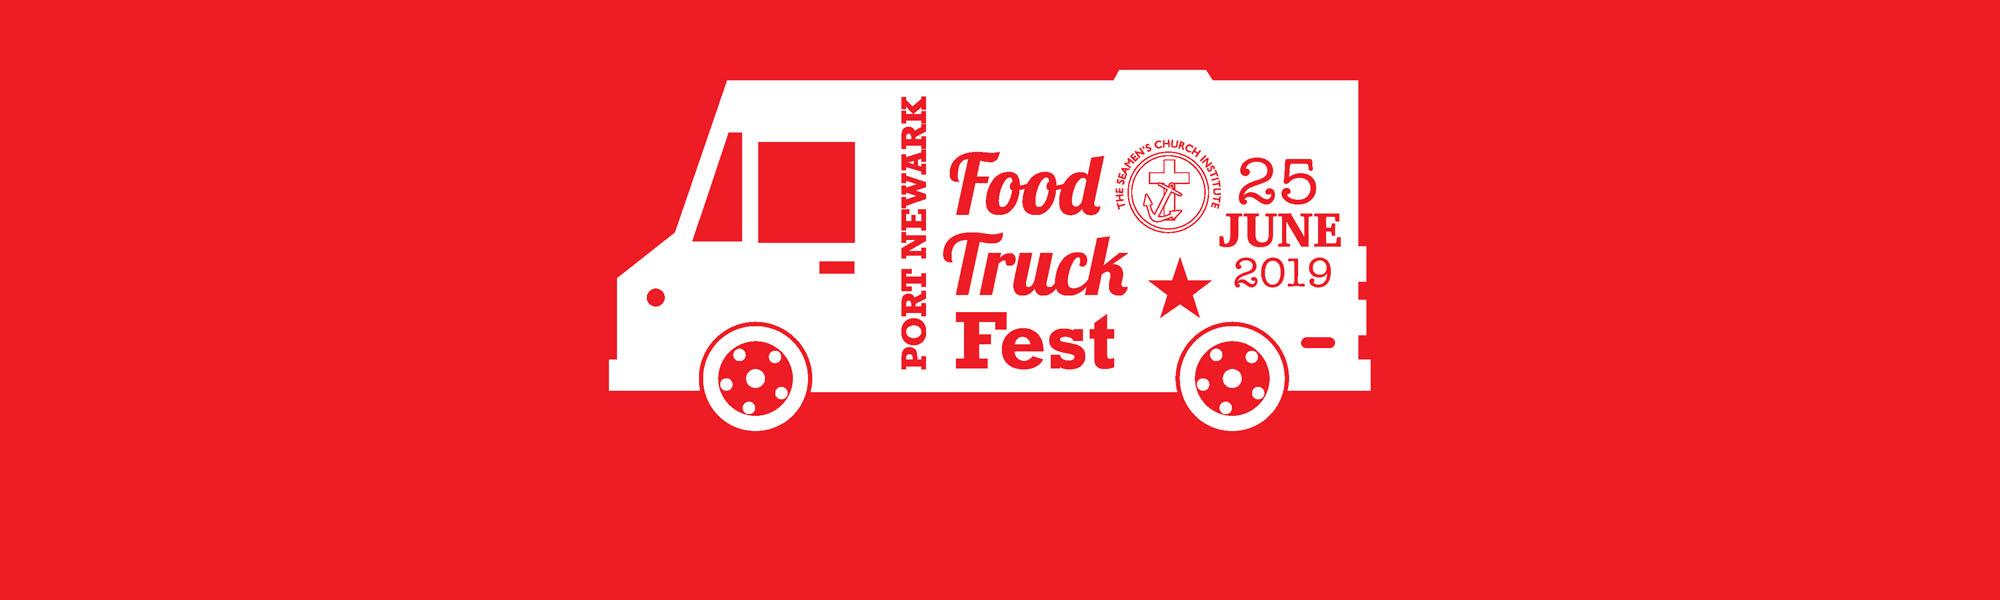 Port Newark Food Truck Fest 2019